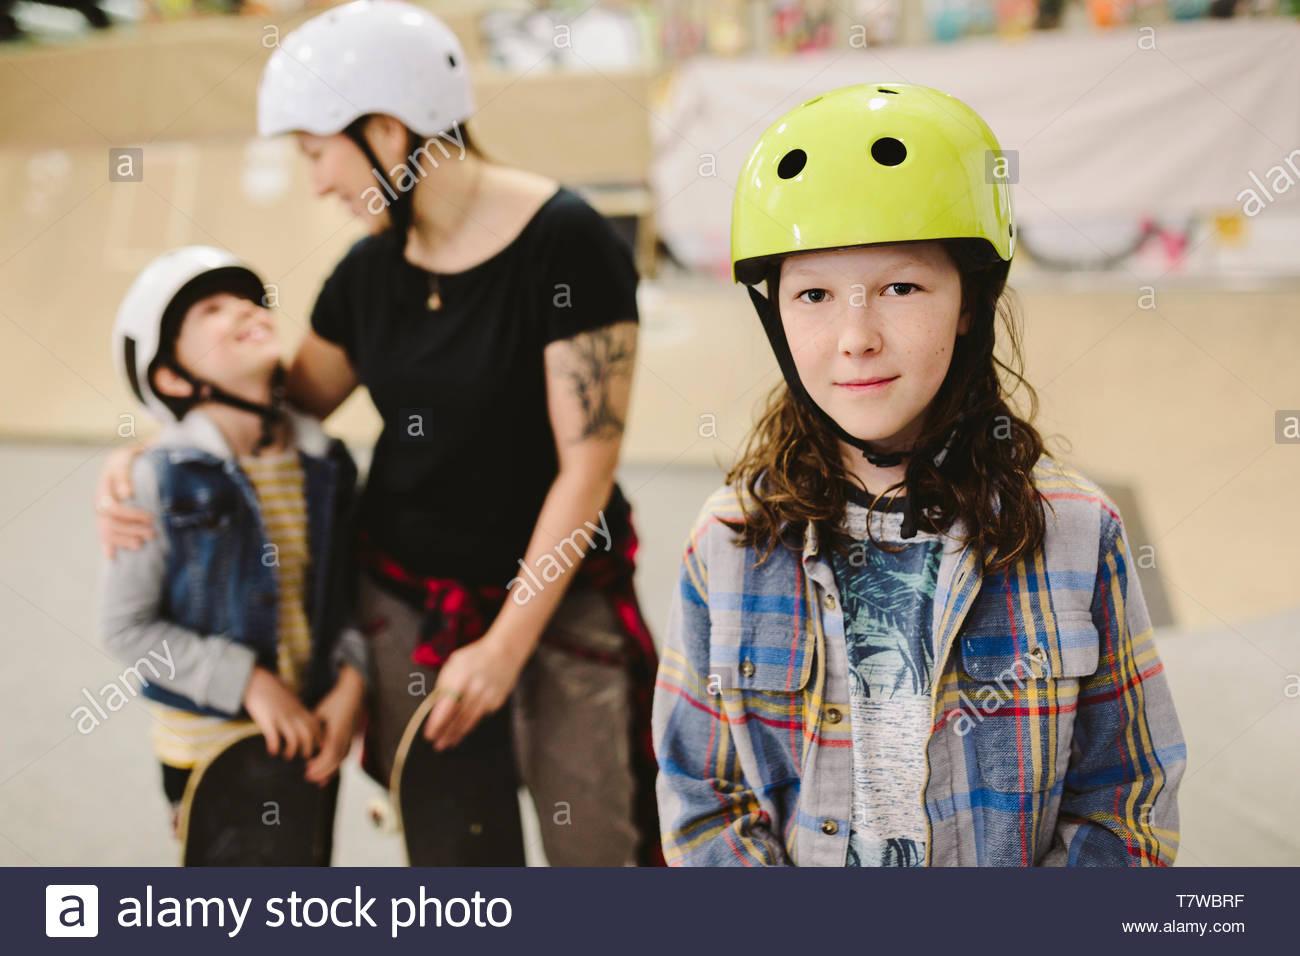 Portrait zuversichtlich Junge an indoor Skatepark mit Familie Stockbild